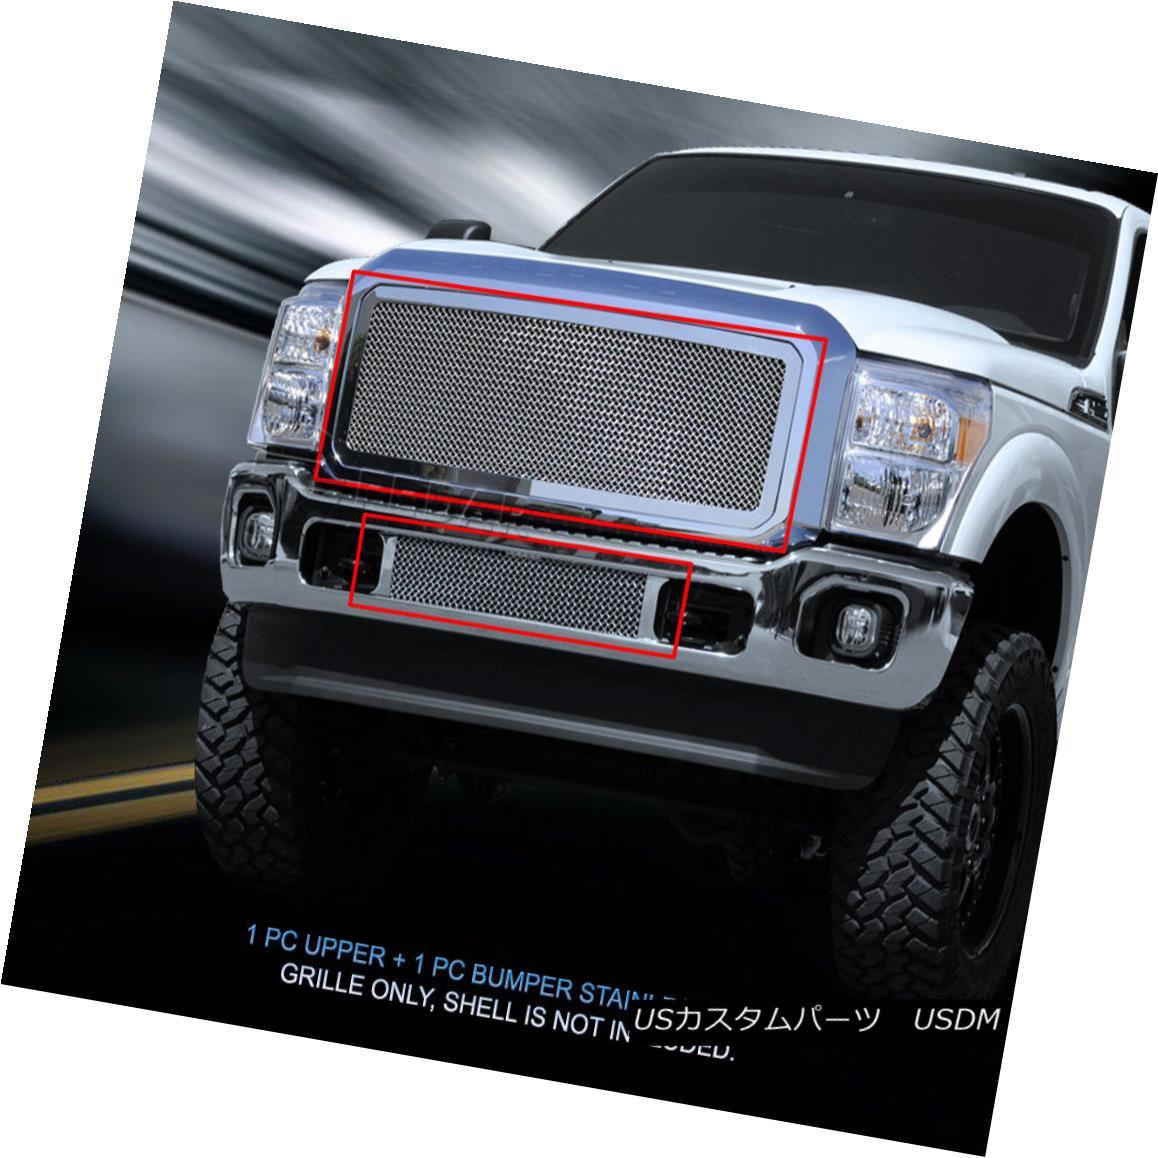 グリル Fedar Fits 11-15 Ford F250/F350/F450/F550 Polished Mesh Grille Combo Insert F550 F550 / F350 / F450 / F550ポリッシュメッシュグリルコンボインサート